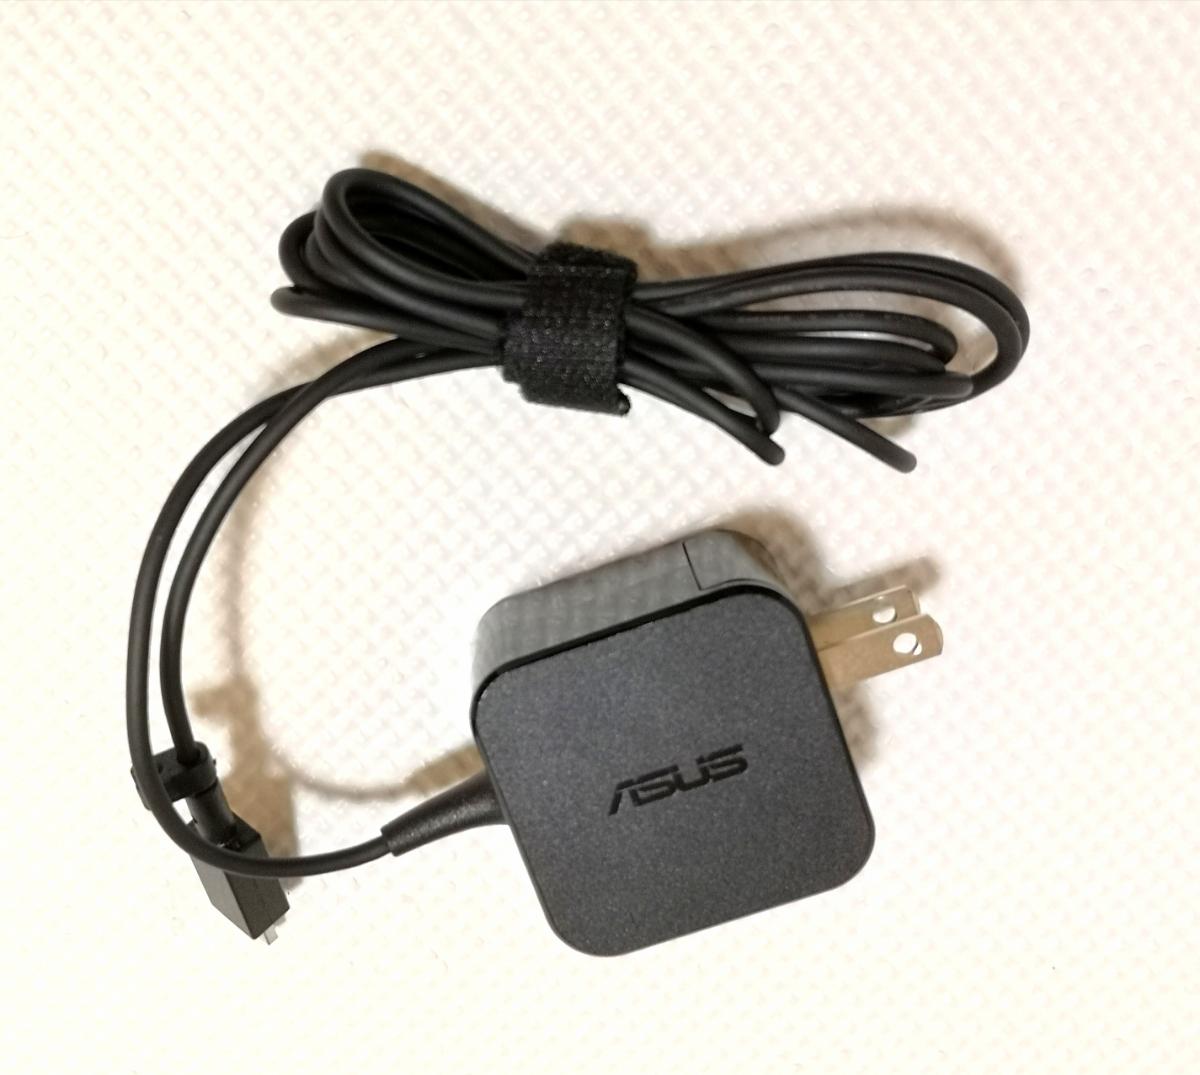 【1円!中古美品!】ASUS Chromebook Flip ノートパソコン C100PA-RK3288 完動品 10.1インチ タッチパネル 360度回転 タブレット 送料無料!_画像8